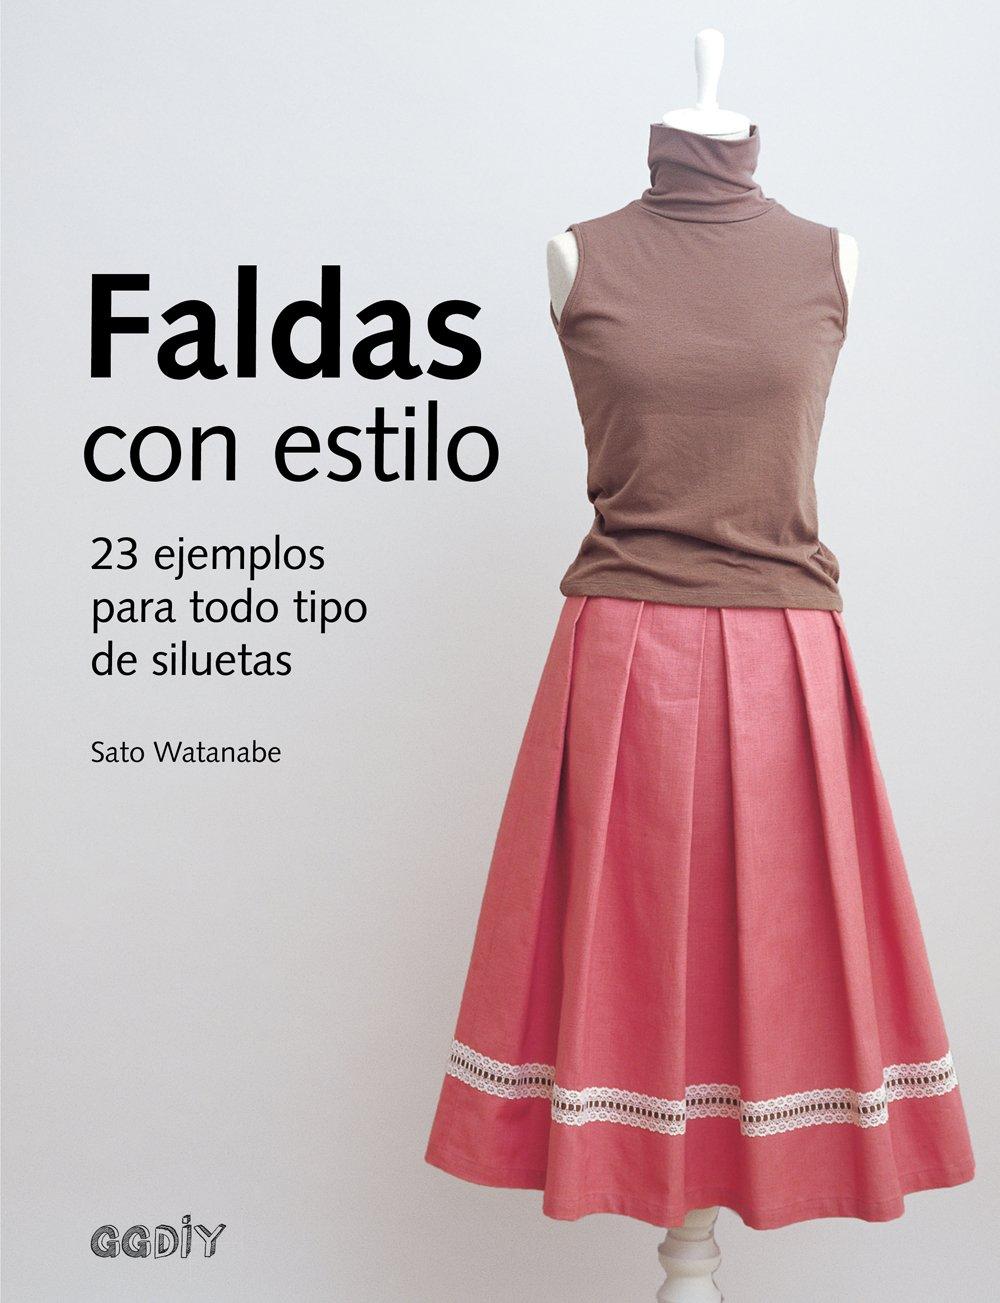 Faldas con estilo. 23 ejemplos para todo tipo de siluetas GGDiy ...